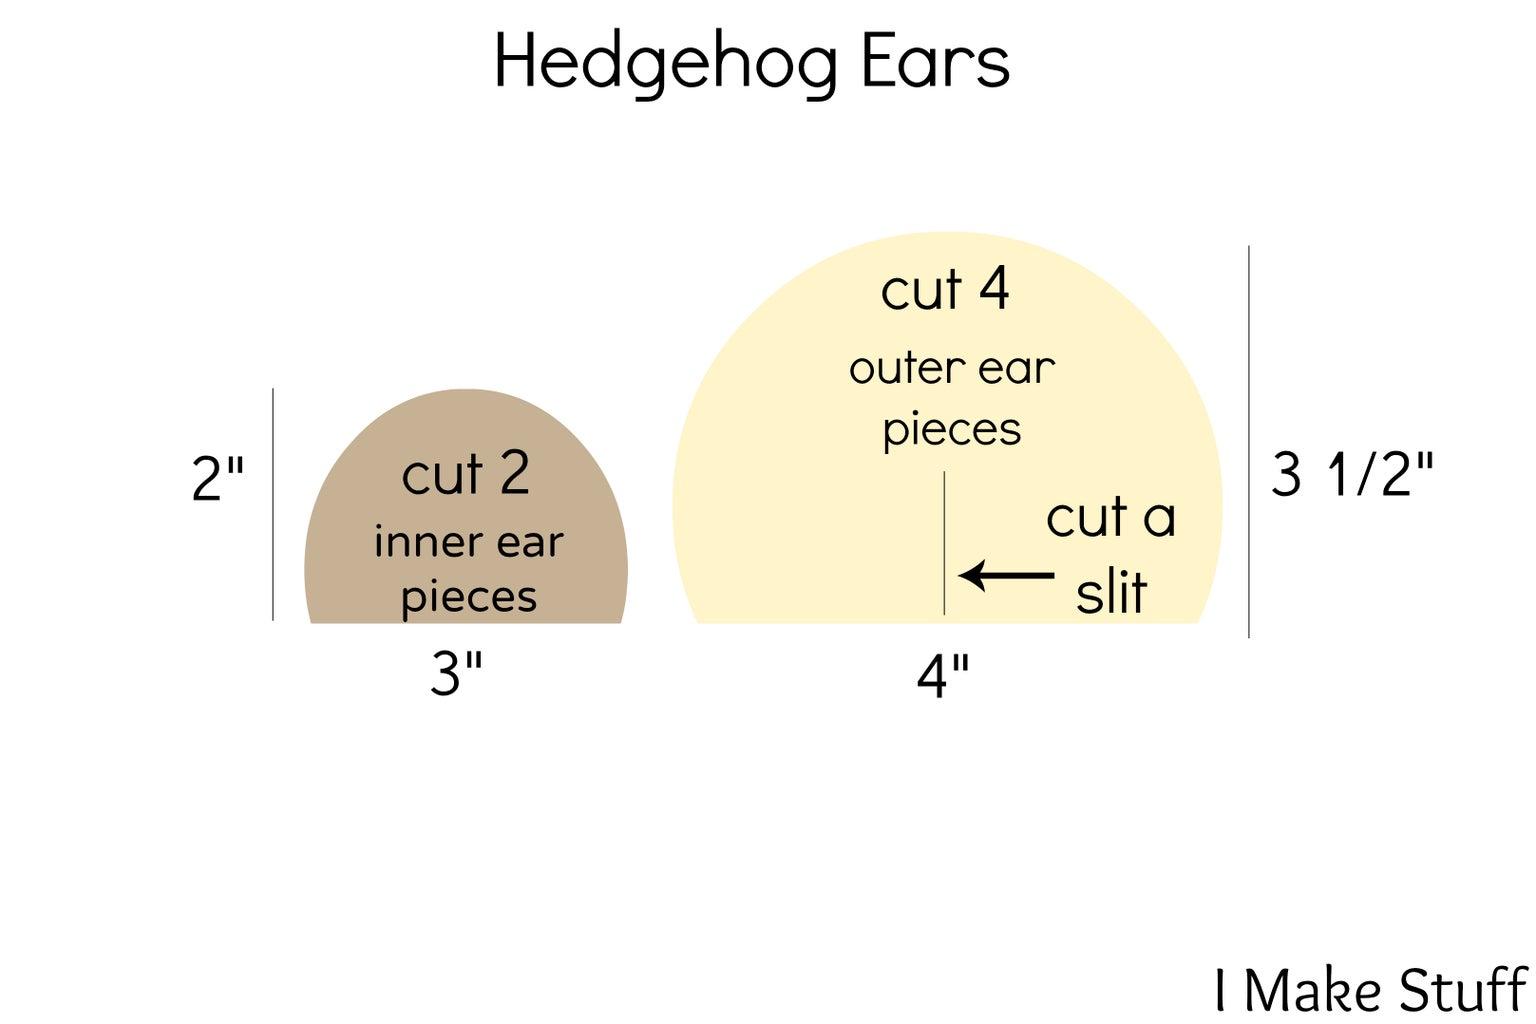 Cut Ear Pieces